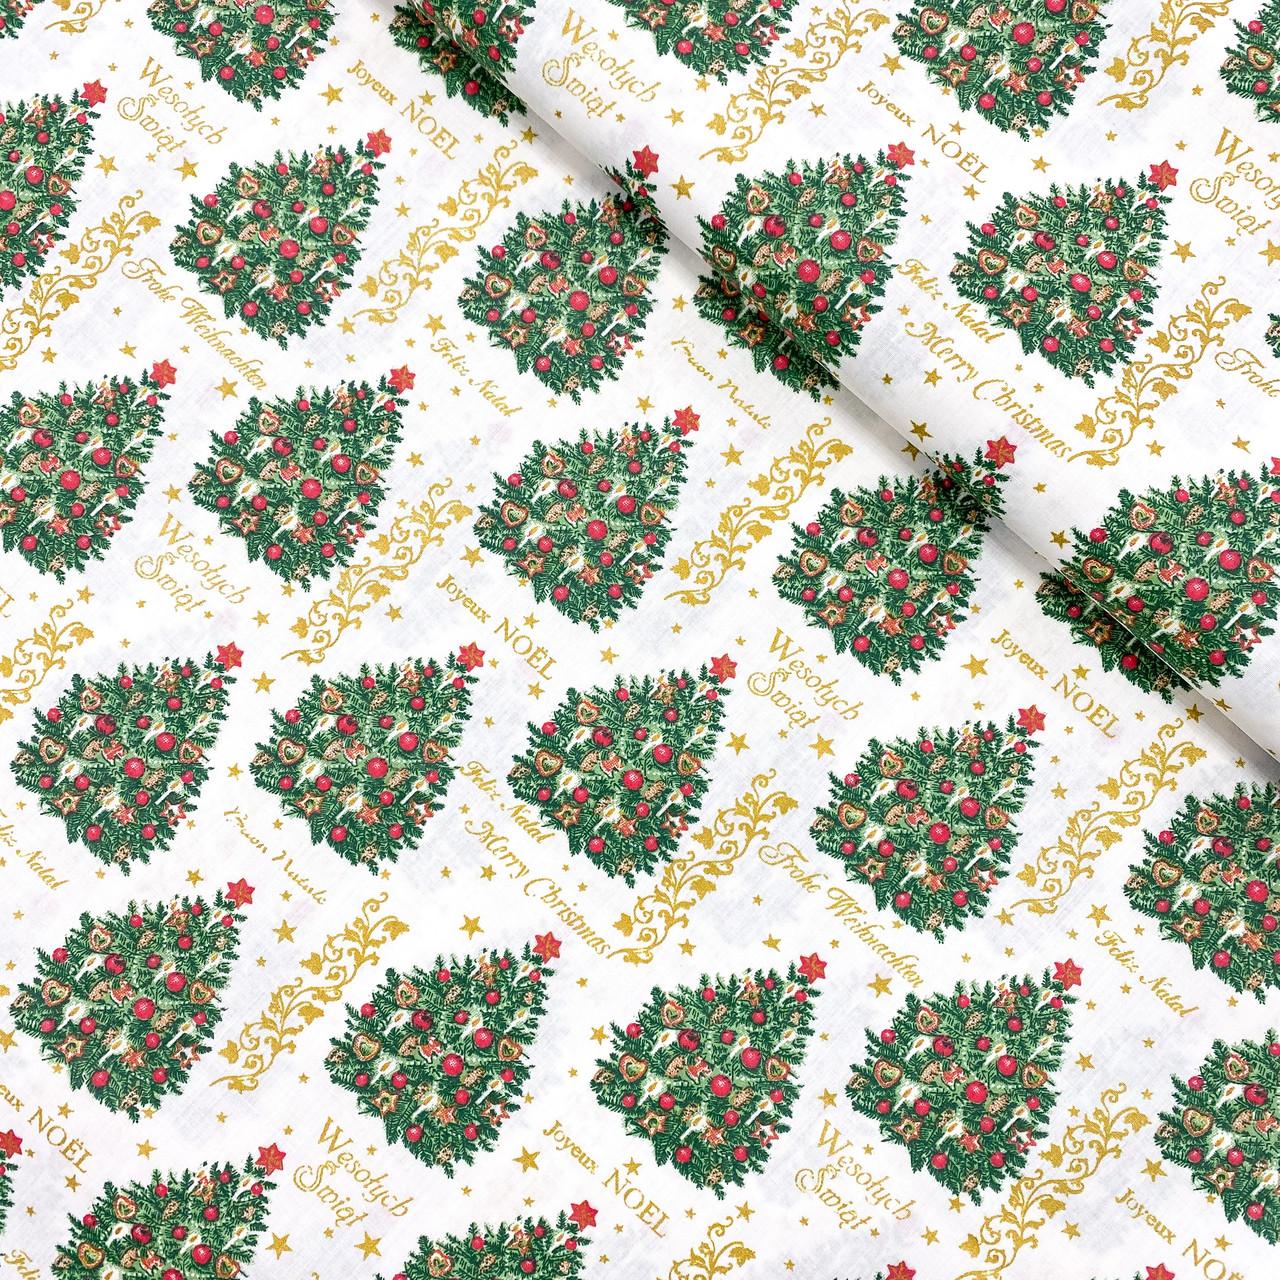 """Польская хлопковая ткань """"Рождественские елки с золотыми звездочками"""""""